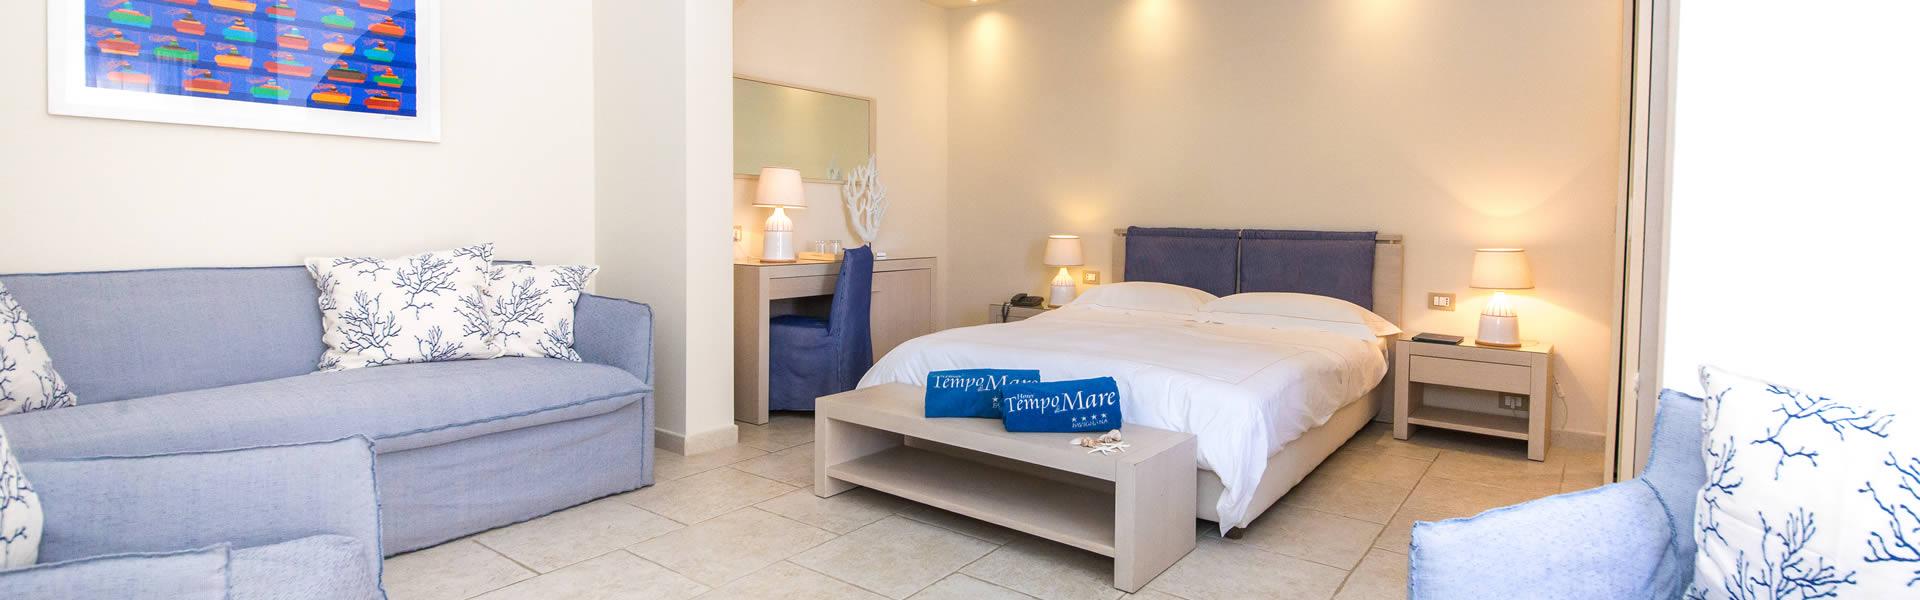 Le Plus più spaziose rispetto alle family suite sono il luogo ideale dove trascorrere una vacanza con la famiglia, in un' isola magica.